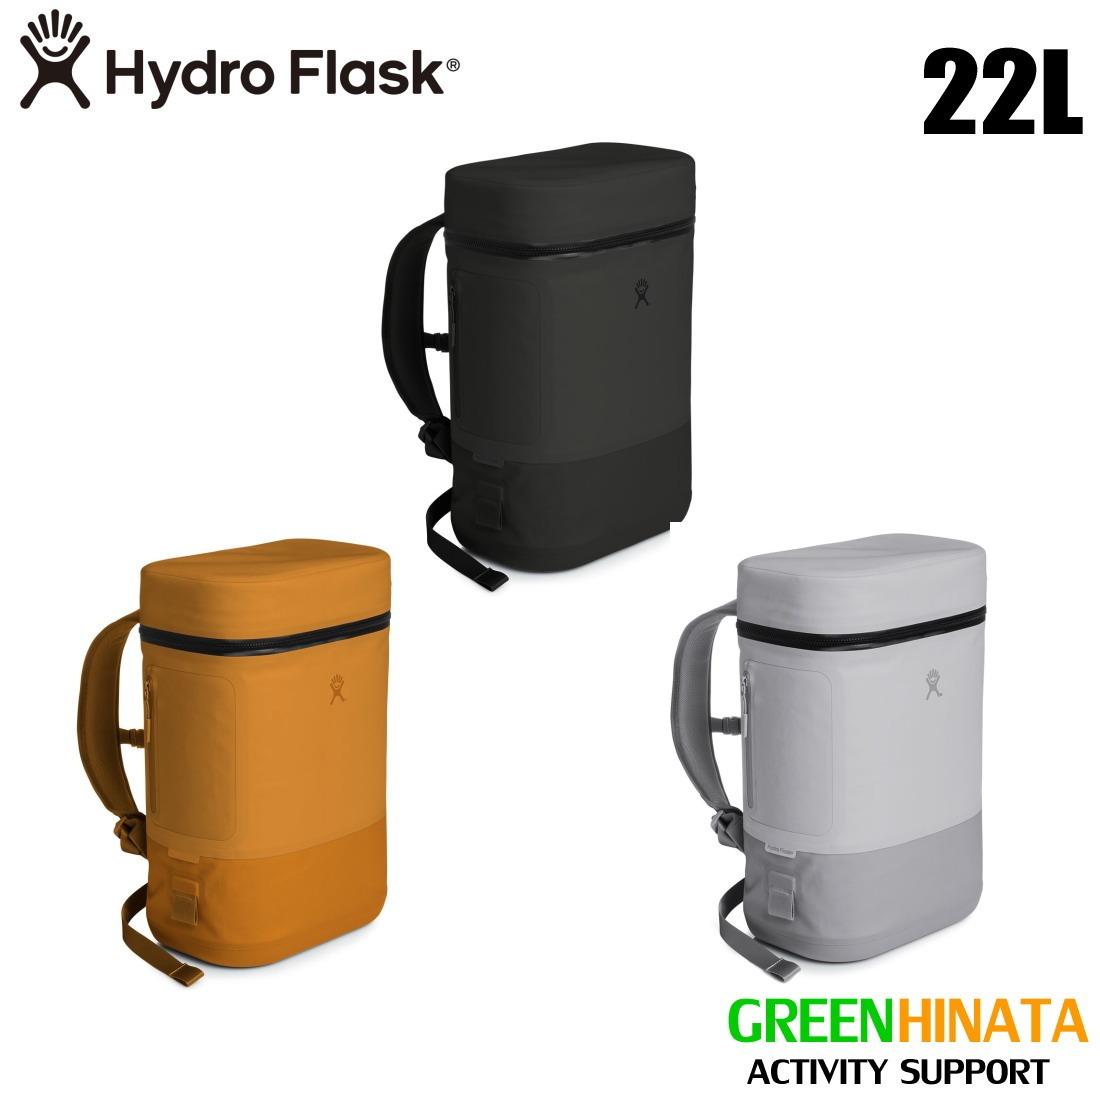 【国内正規品】 ハイドロフラスク ソフトクーラーバック 22L 保冷バック リュック HydroFlask Soft Cooler Pack 22L